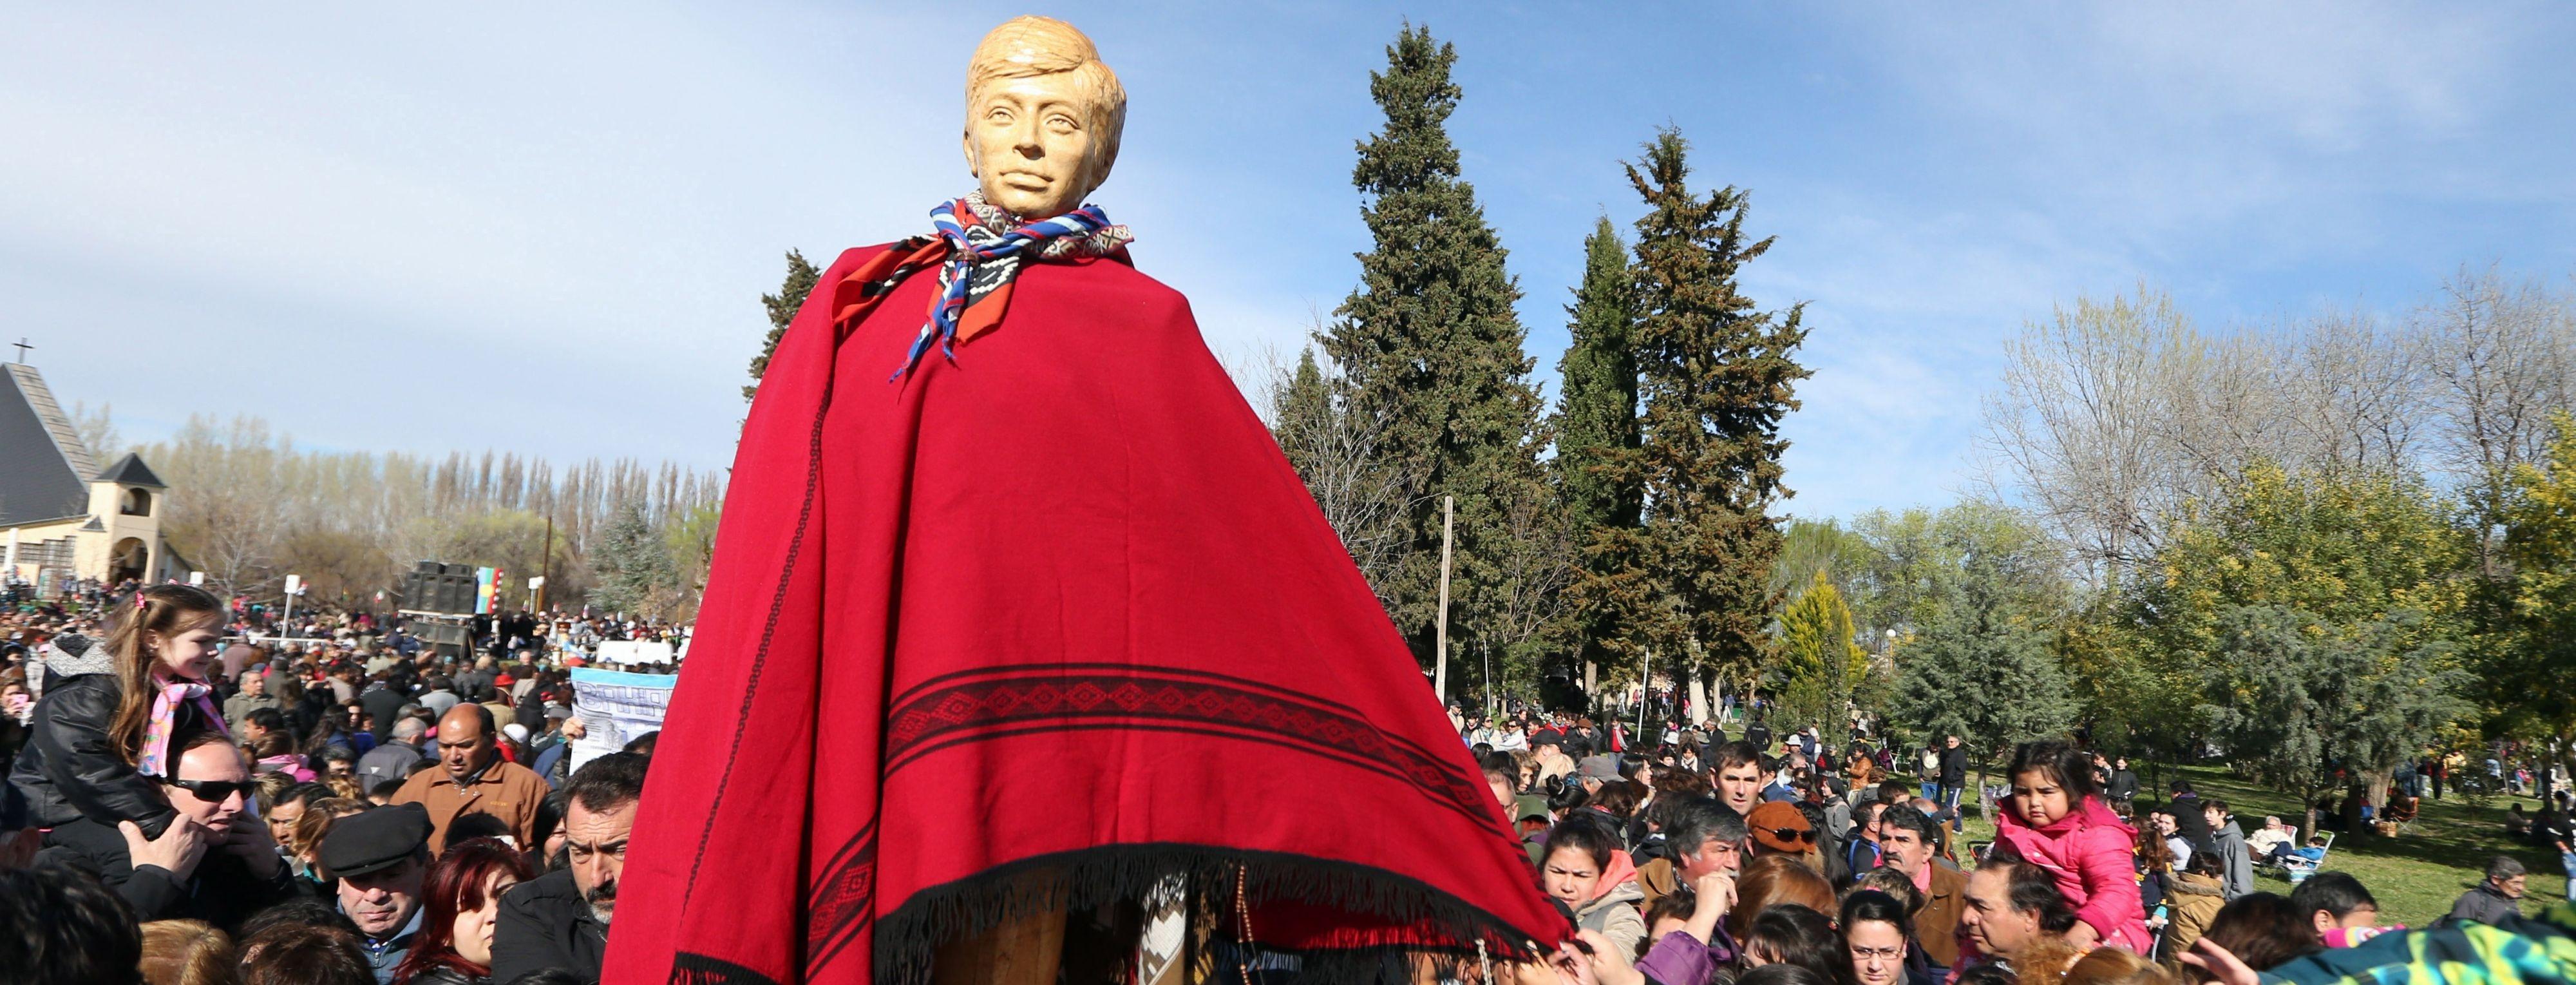 El Lirio de la Patagonia: Venerable Ceferino Namuncurá devoción del pueblo